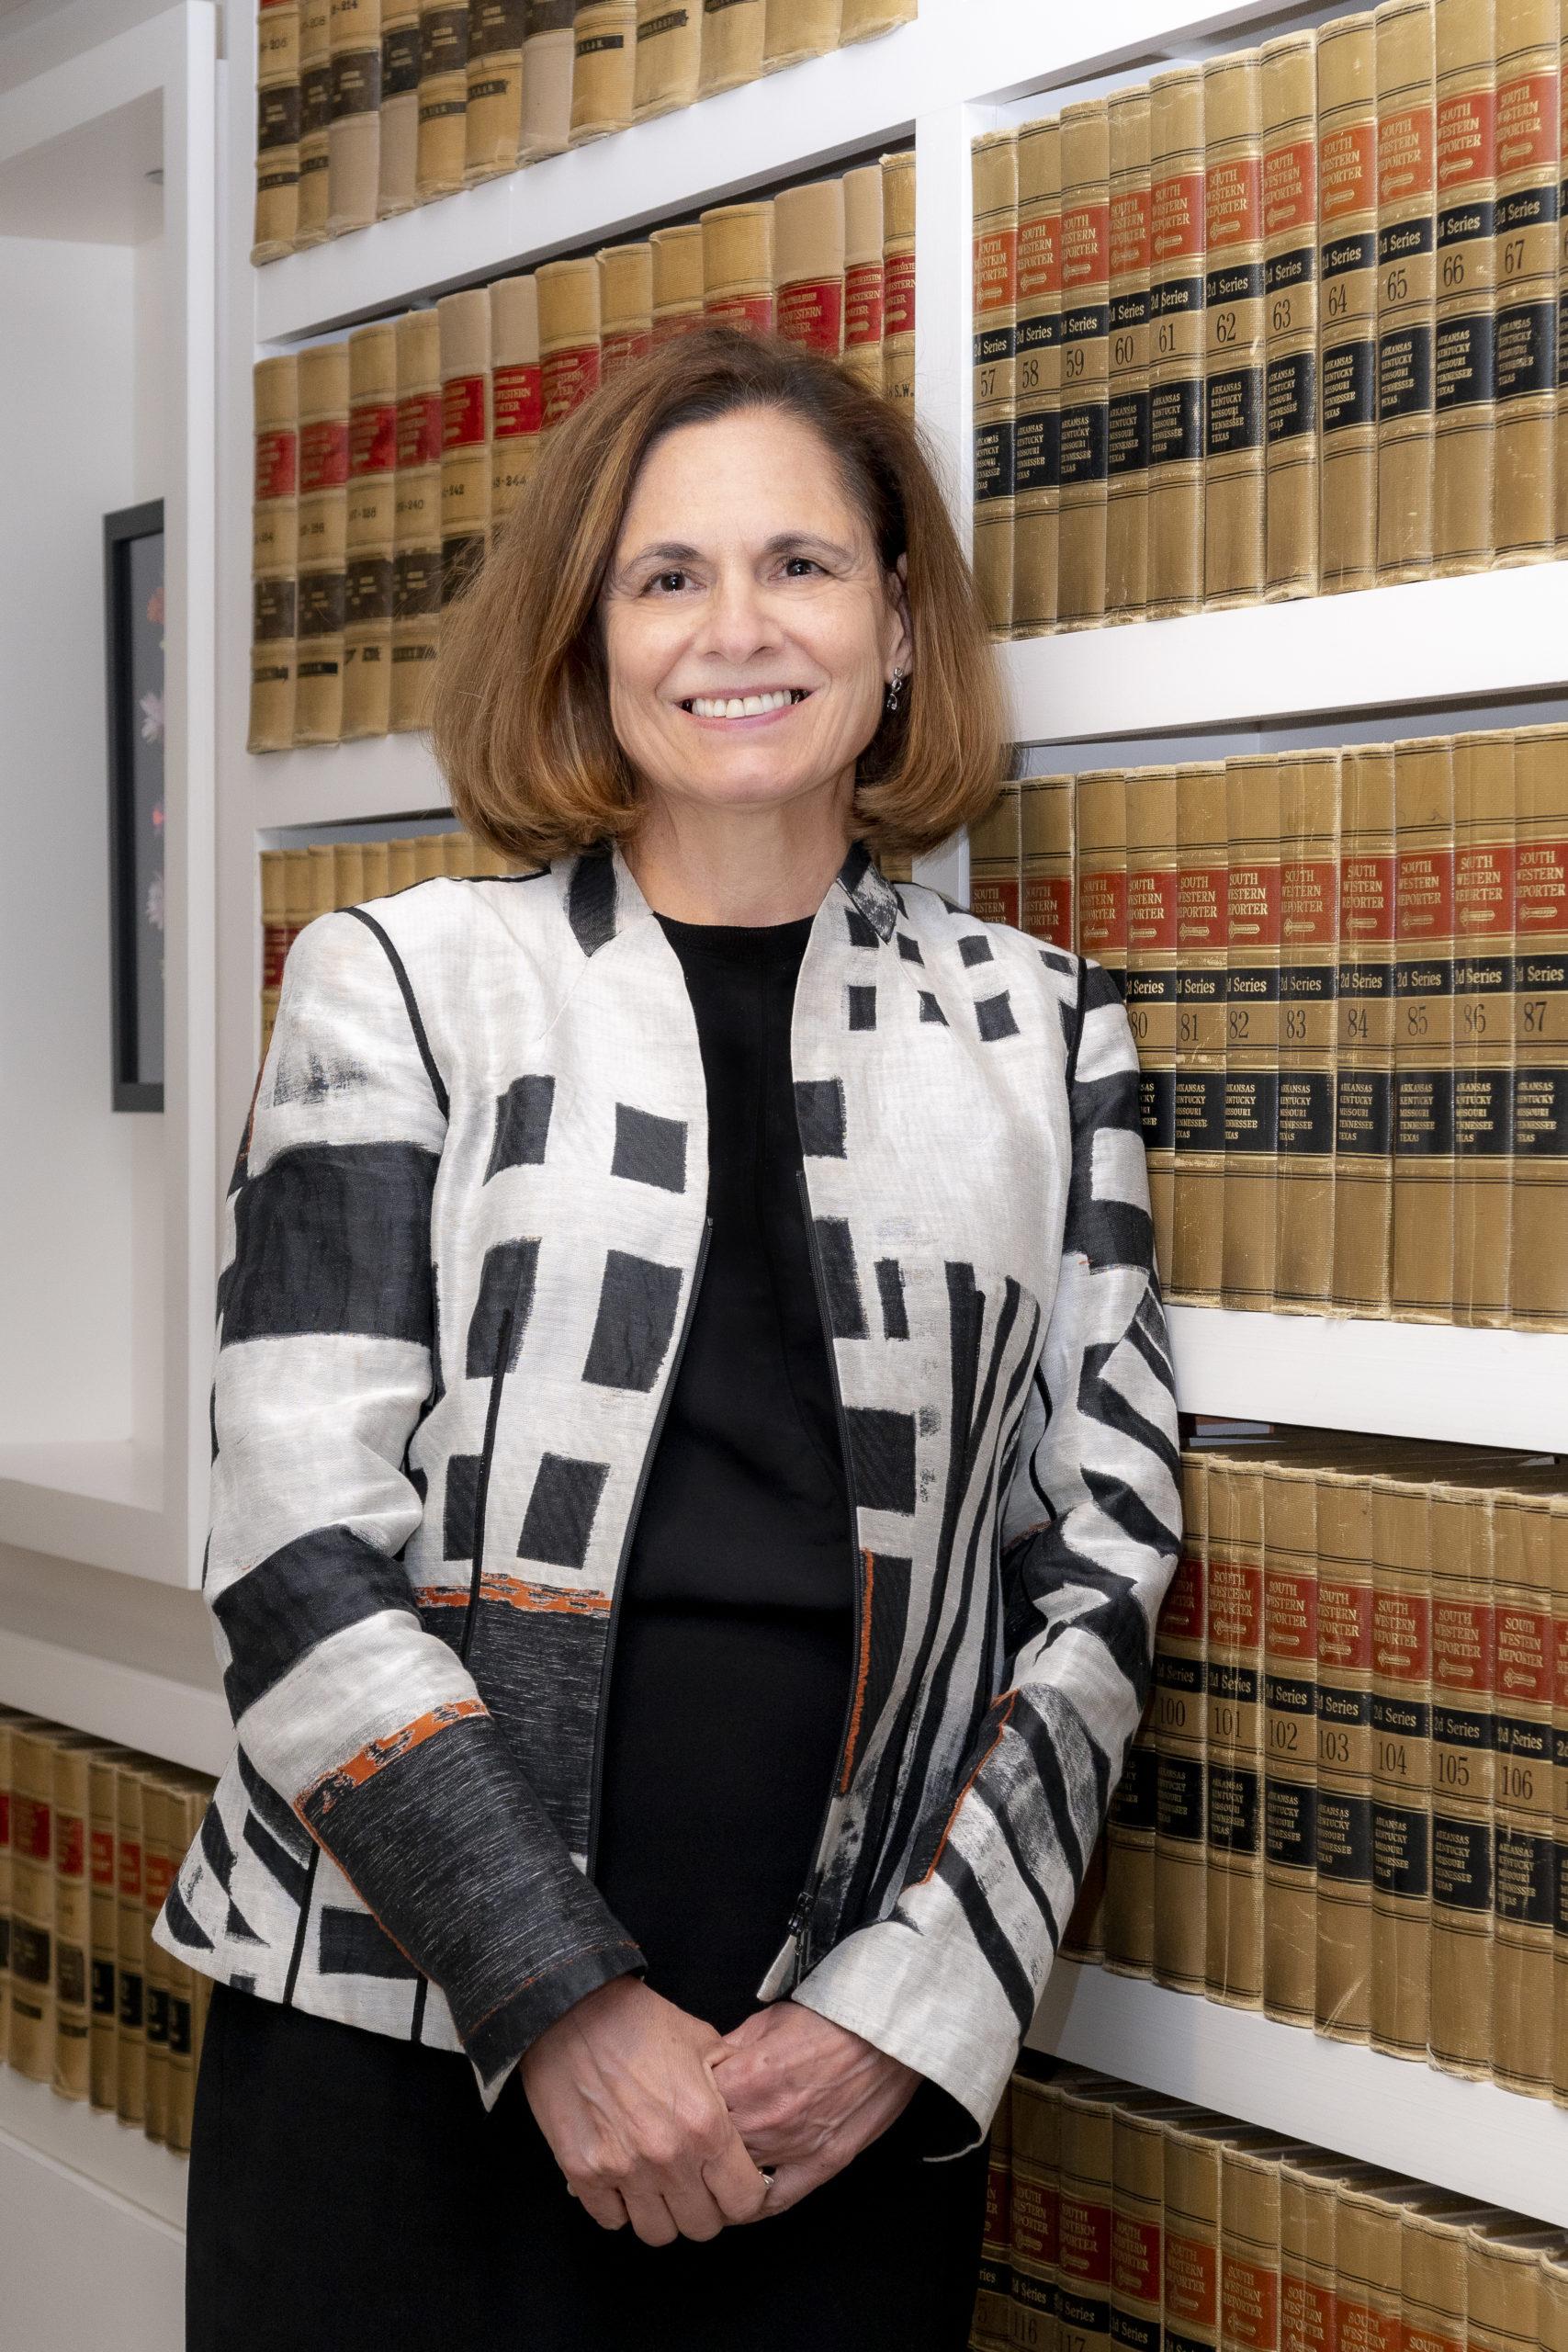 Deborah Williamson